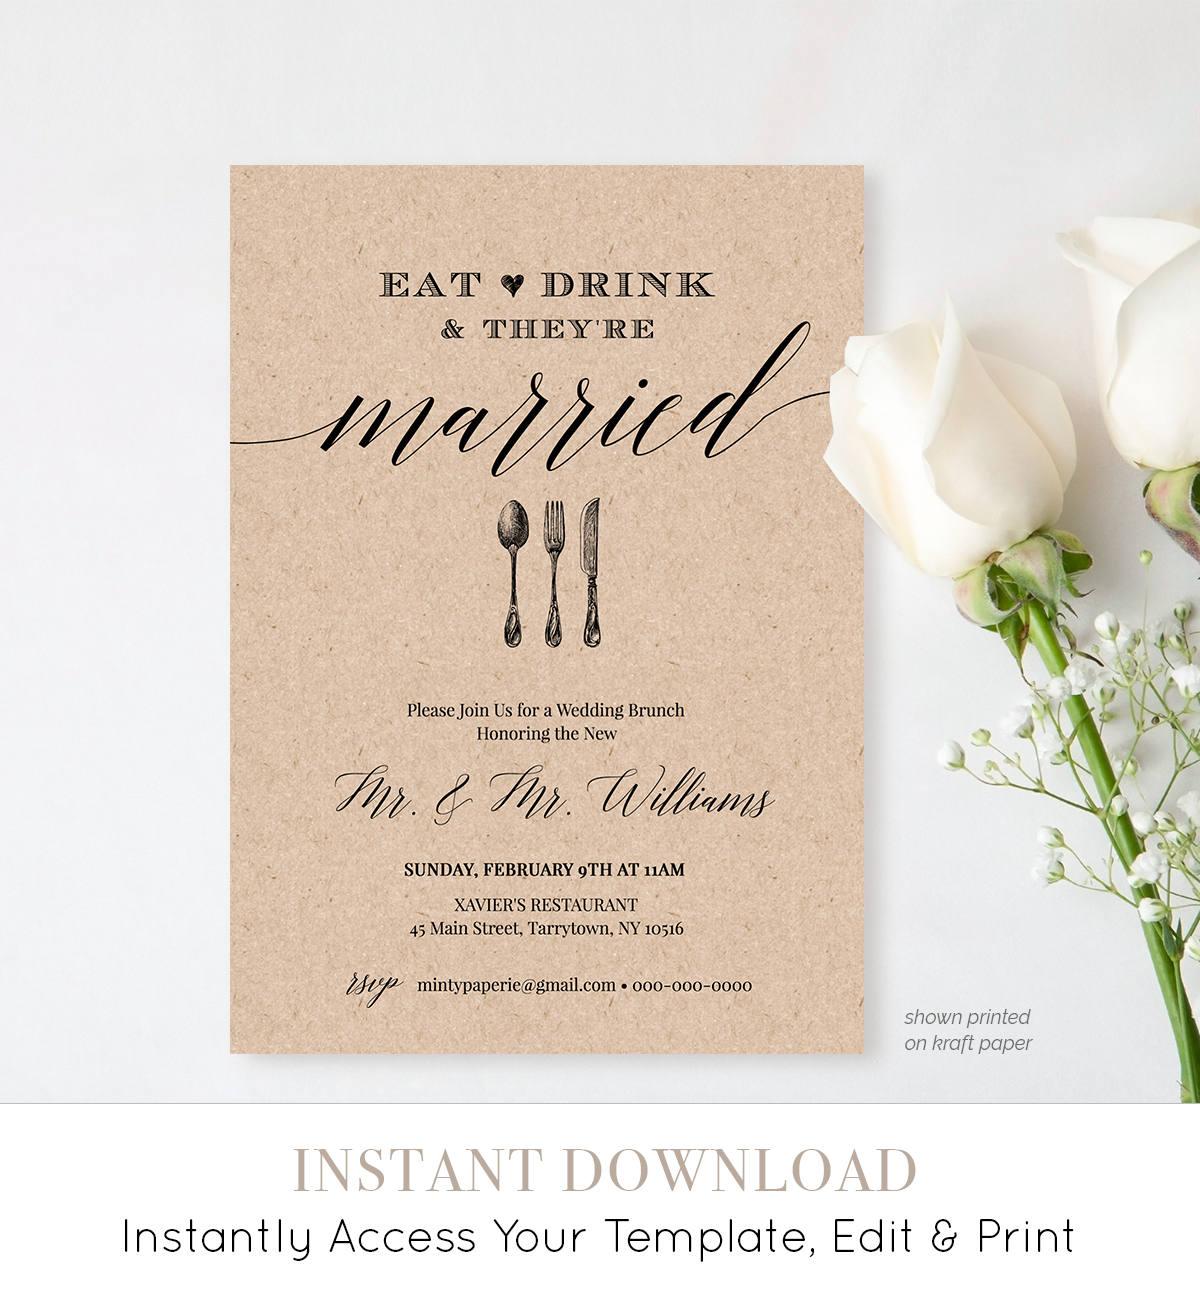 Wedding Brunch Invitations 026 - Wedding Brunch Invitations